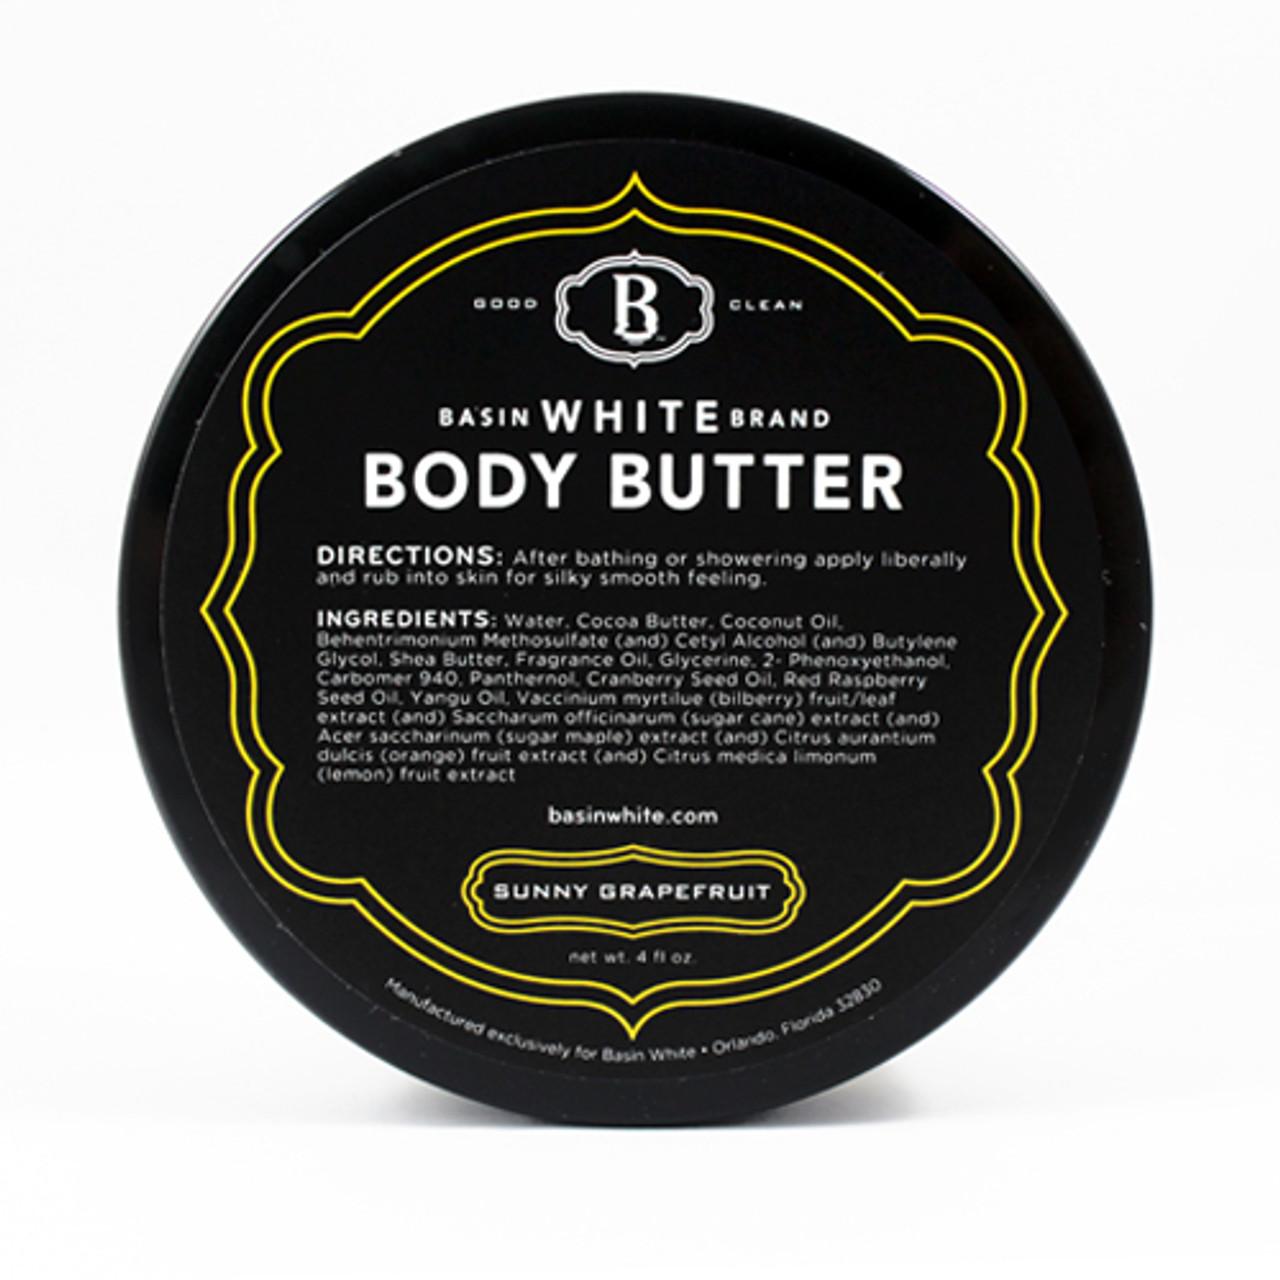 Sunny Grapefruit Body Butter (Basin White)